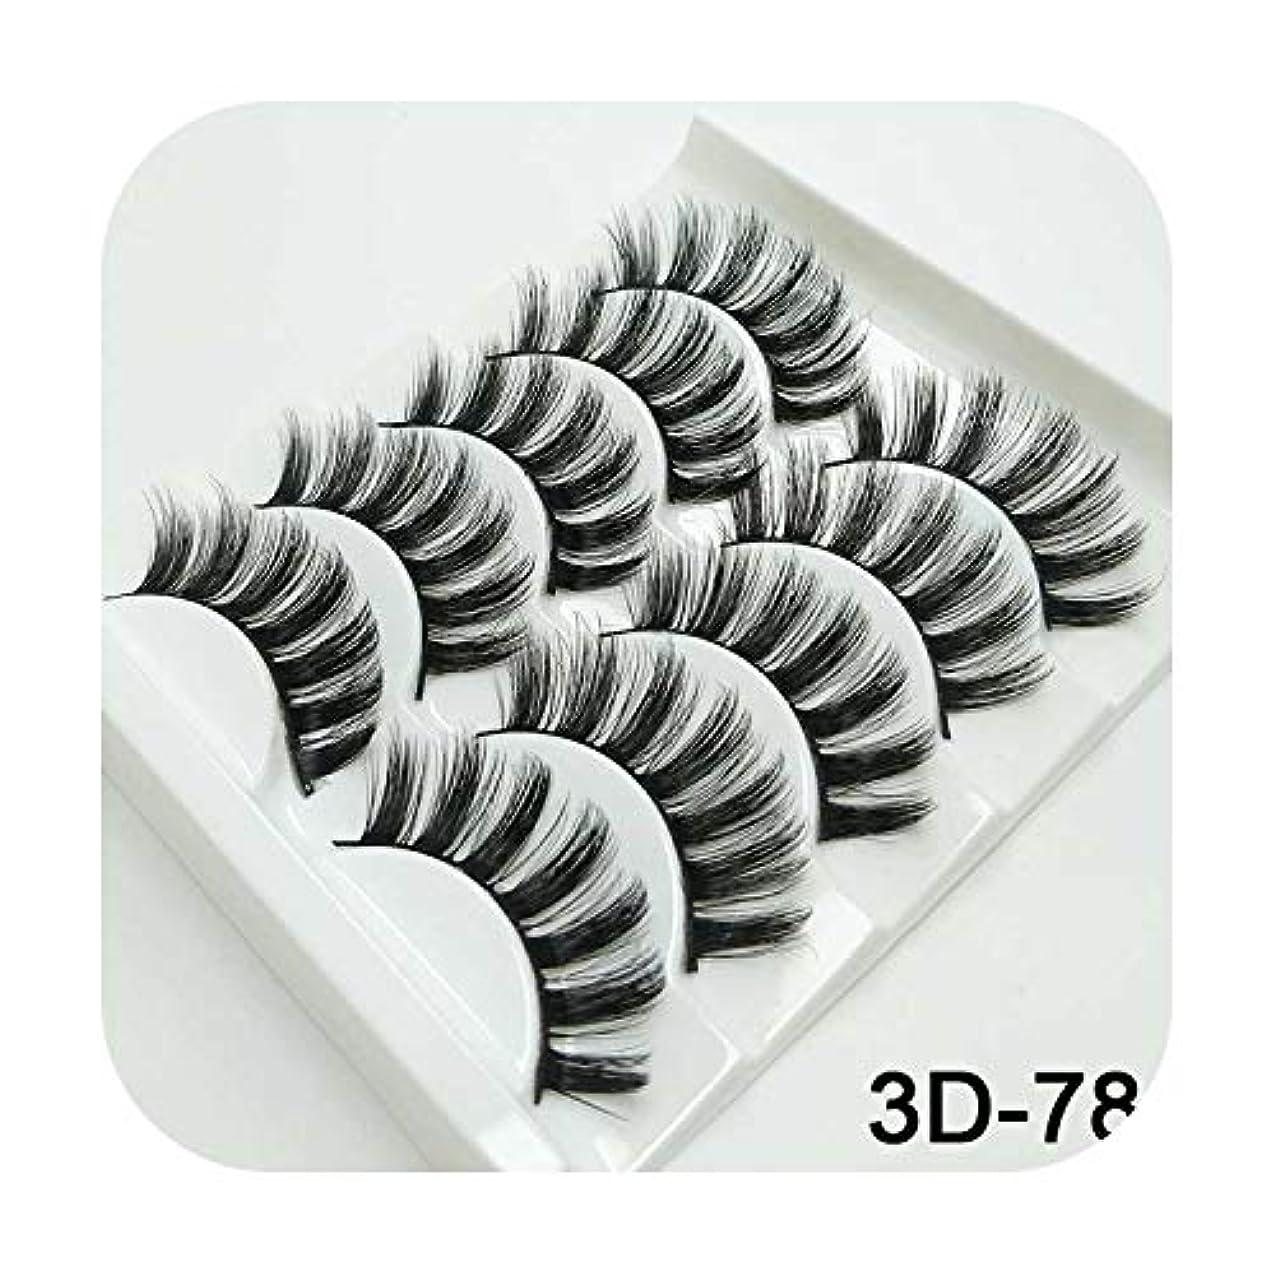 ディスクラッドヤードキップリング役立つ3Dミンクまつげナチュラルつけまつげロングまつげエクステンション5ペアフェイクフェイクラッシュ,3D-78